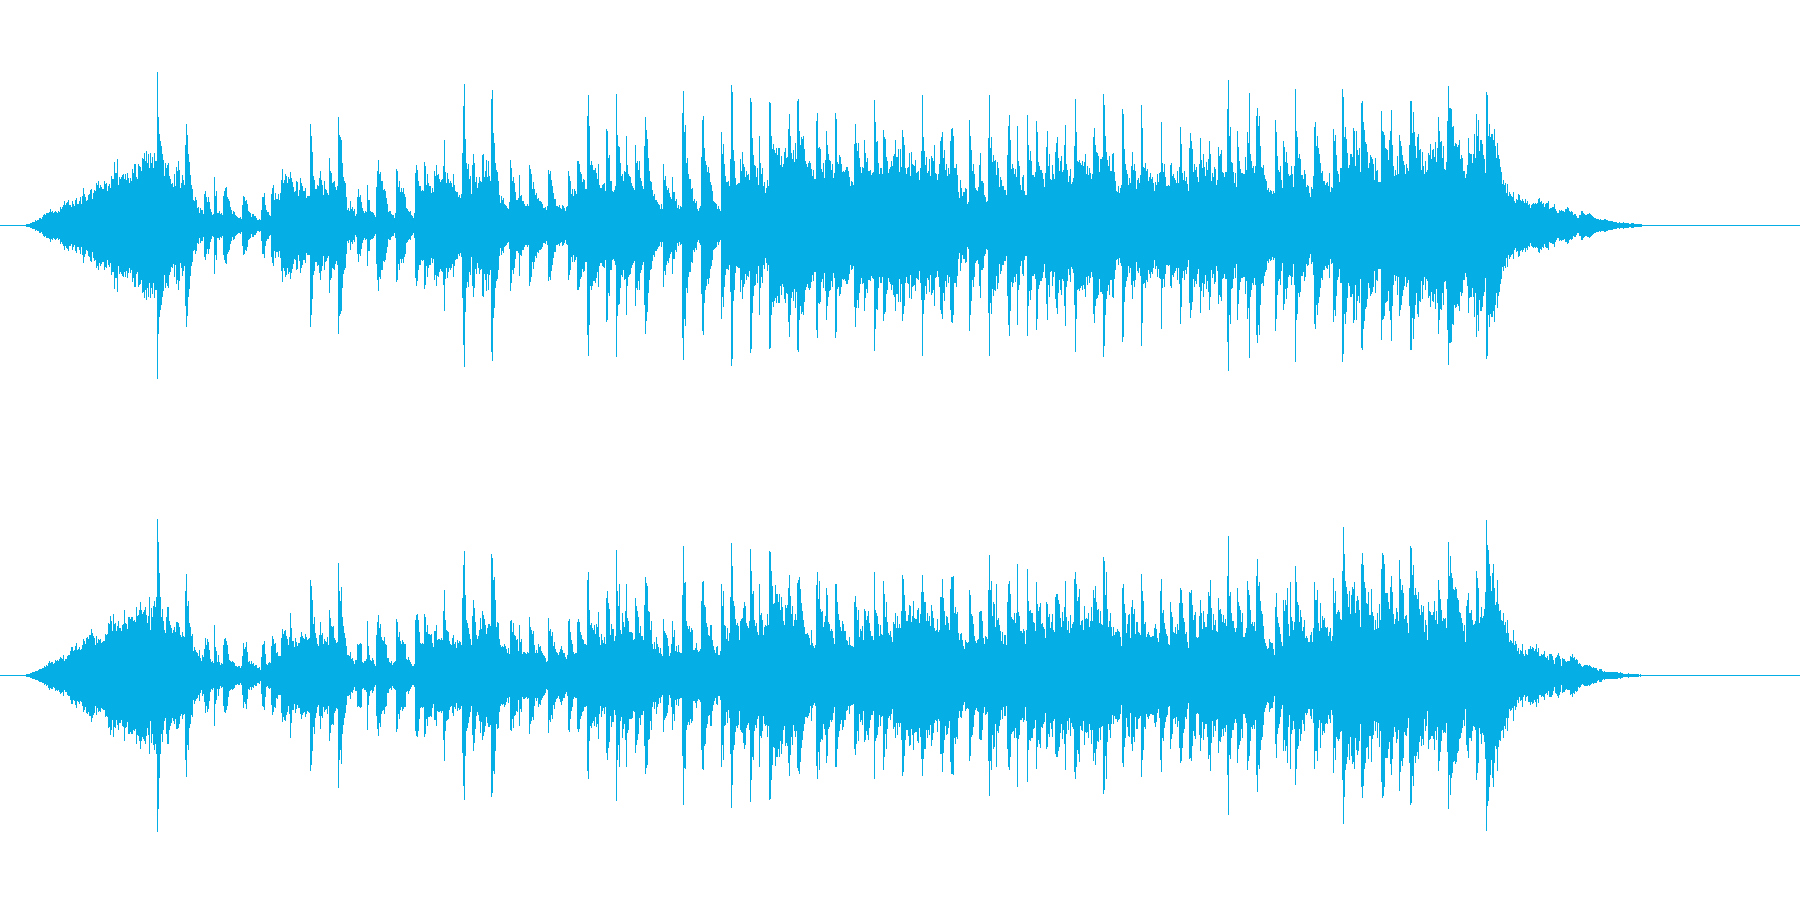 官能的マイナー調ニューミュージックの再生済みの波形